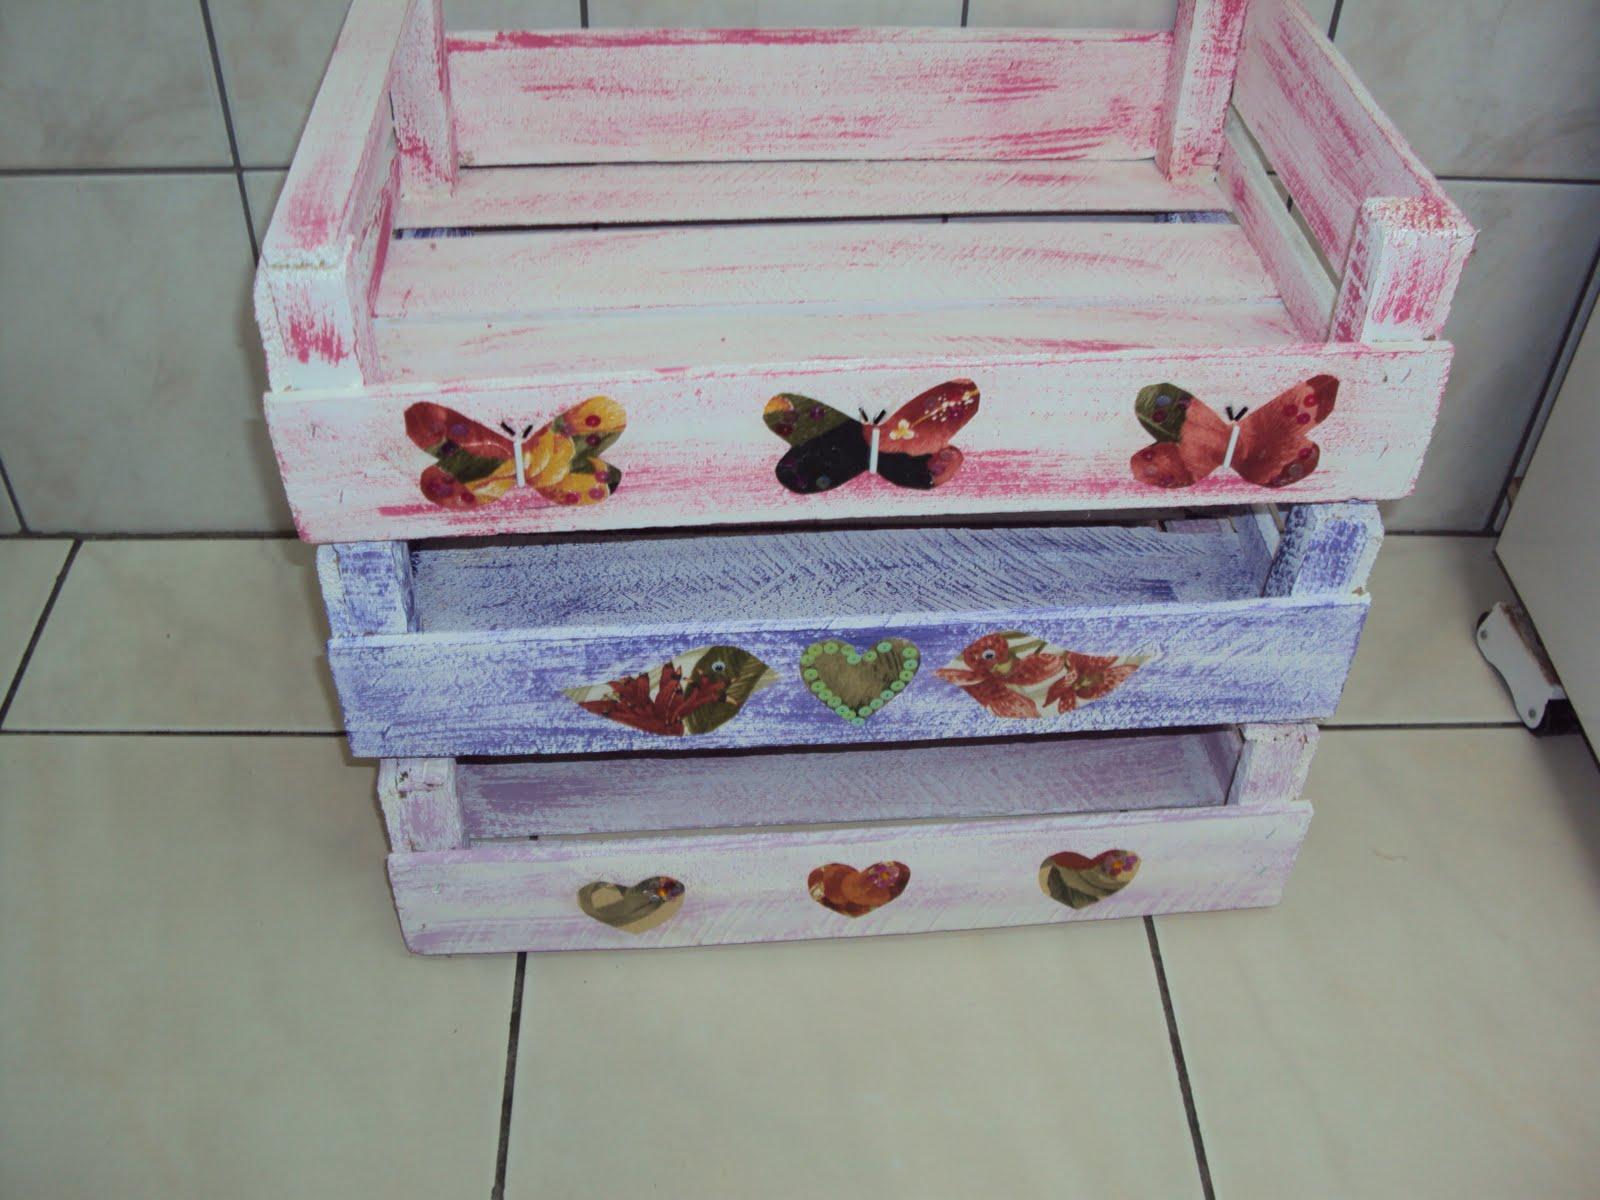 meu estilo : caixotes de feira #723937 1600x1200